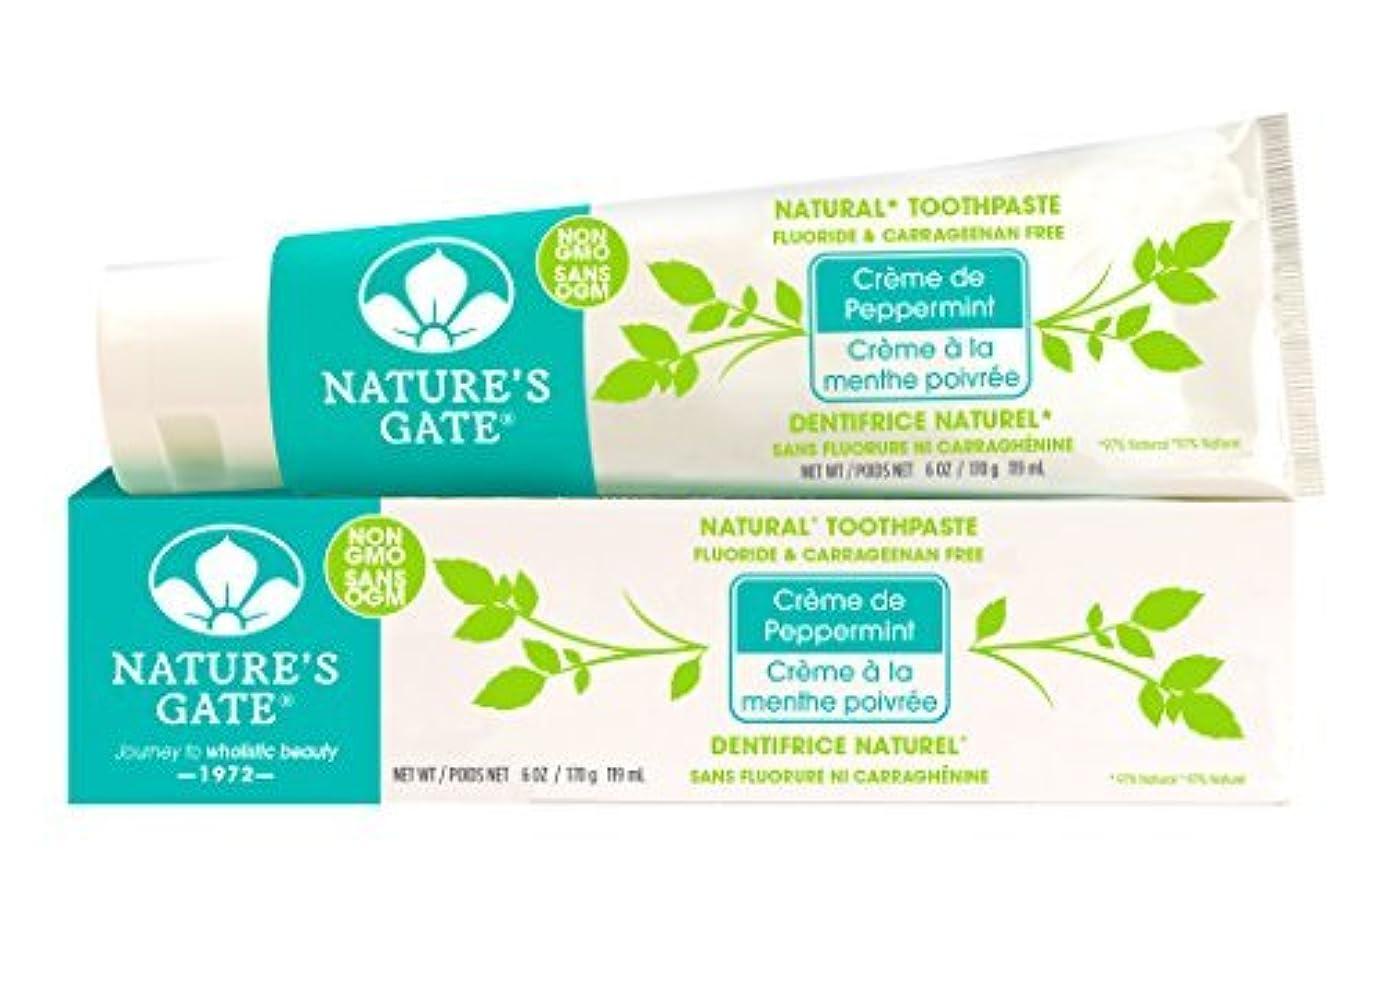 褒賞ラバ私のNature's Gate Natural Toothpaste, Creme de Peppermint, 6-Ounce Tubes (Pack of 6) by Nature's Gate [並行輸入品]